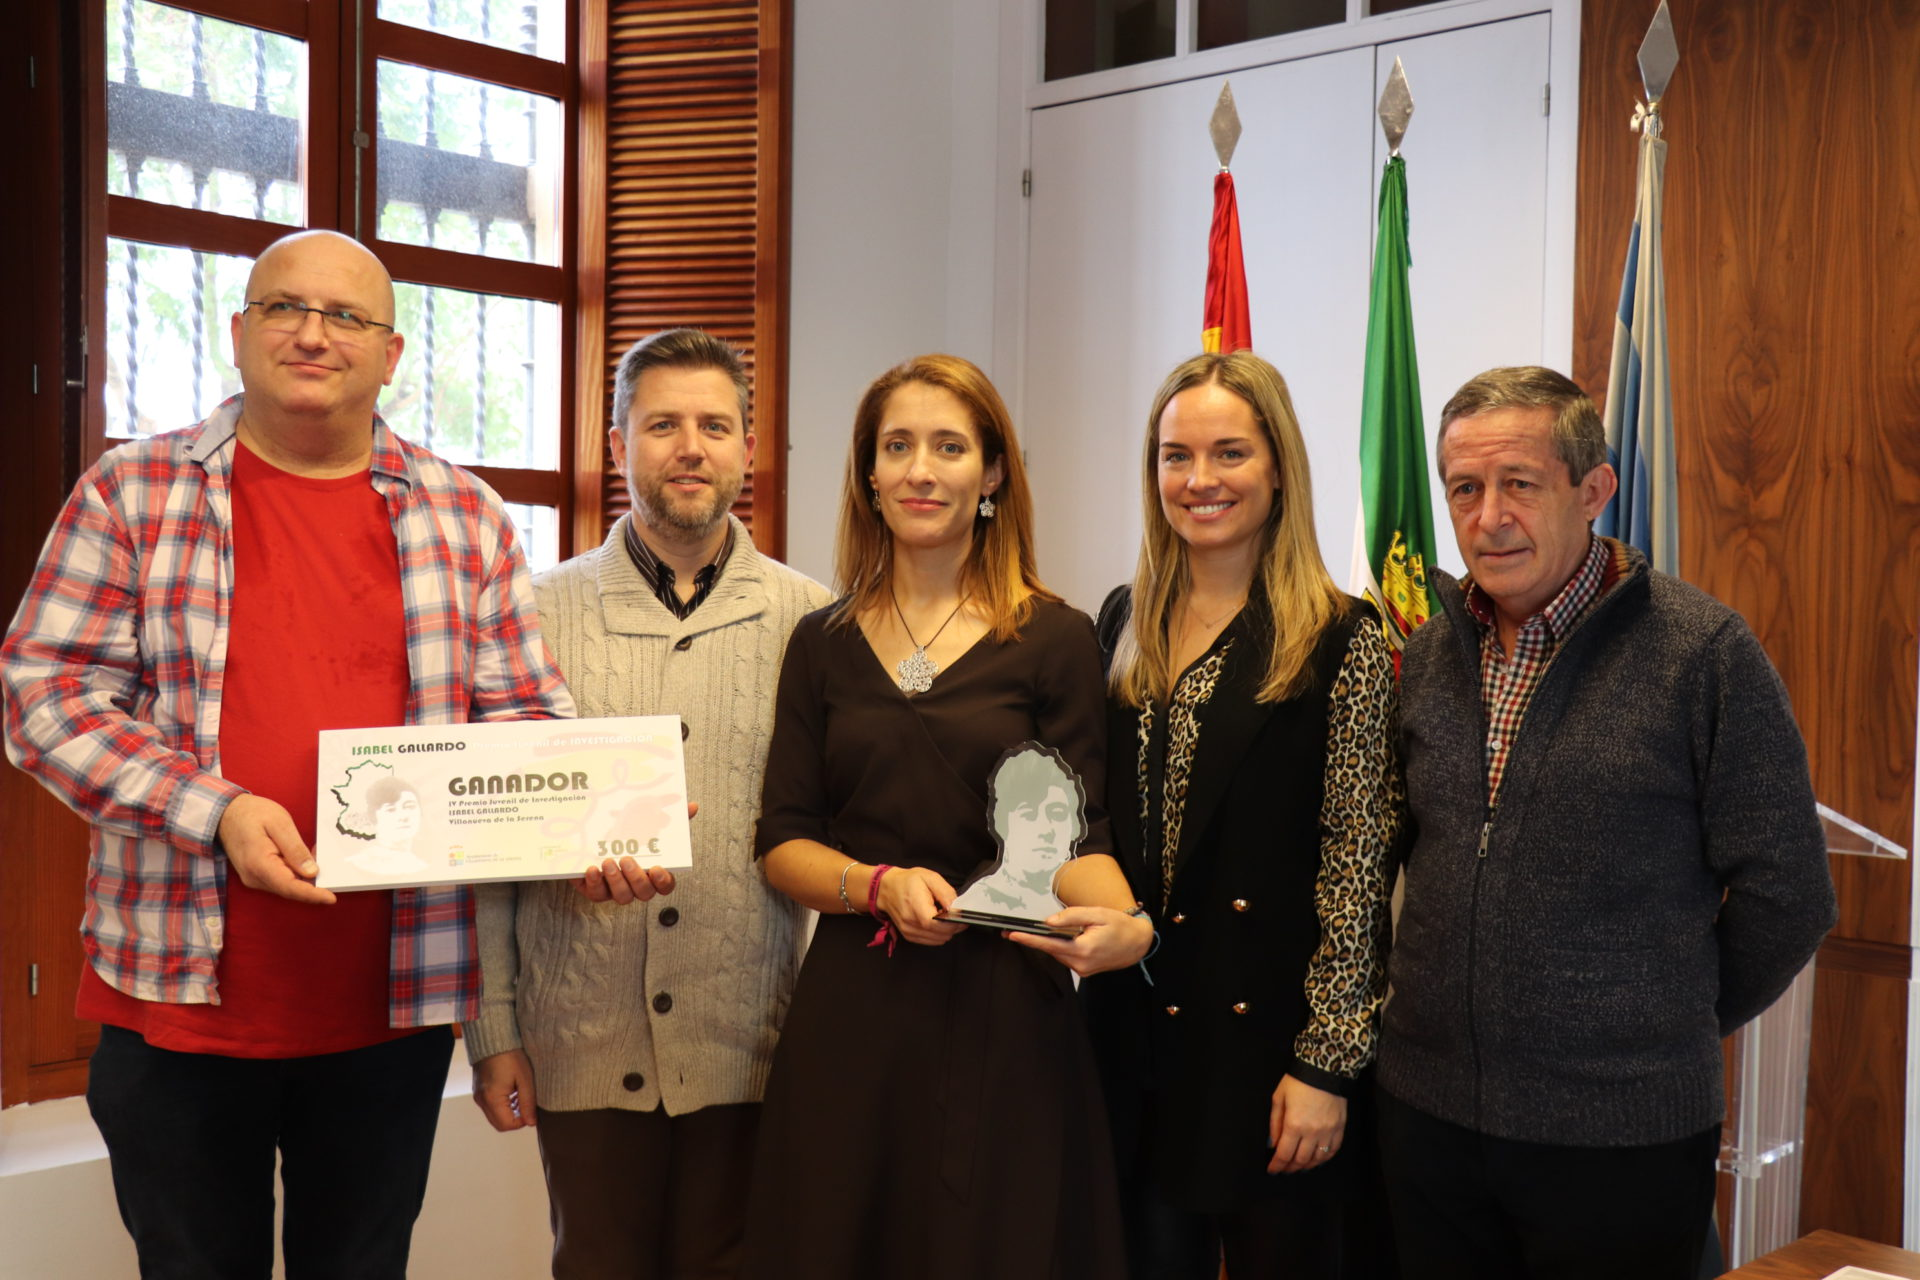 """El CEIP Santa Florentina de Madrigal de la Vera gana la tercera edición del premio juvenil de investigación """"Isabel Gallardo"""""""